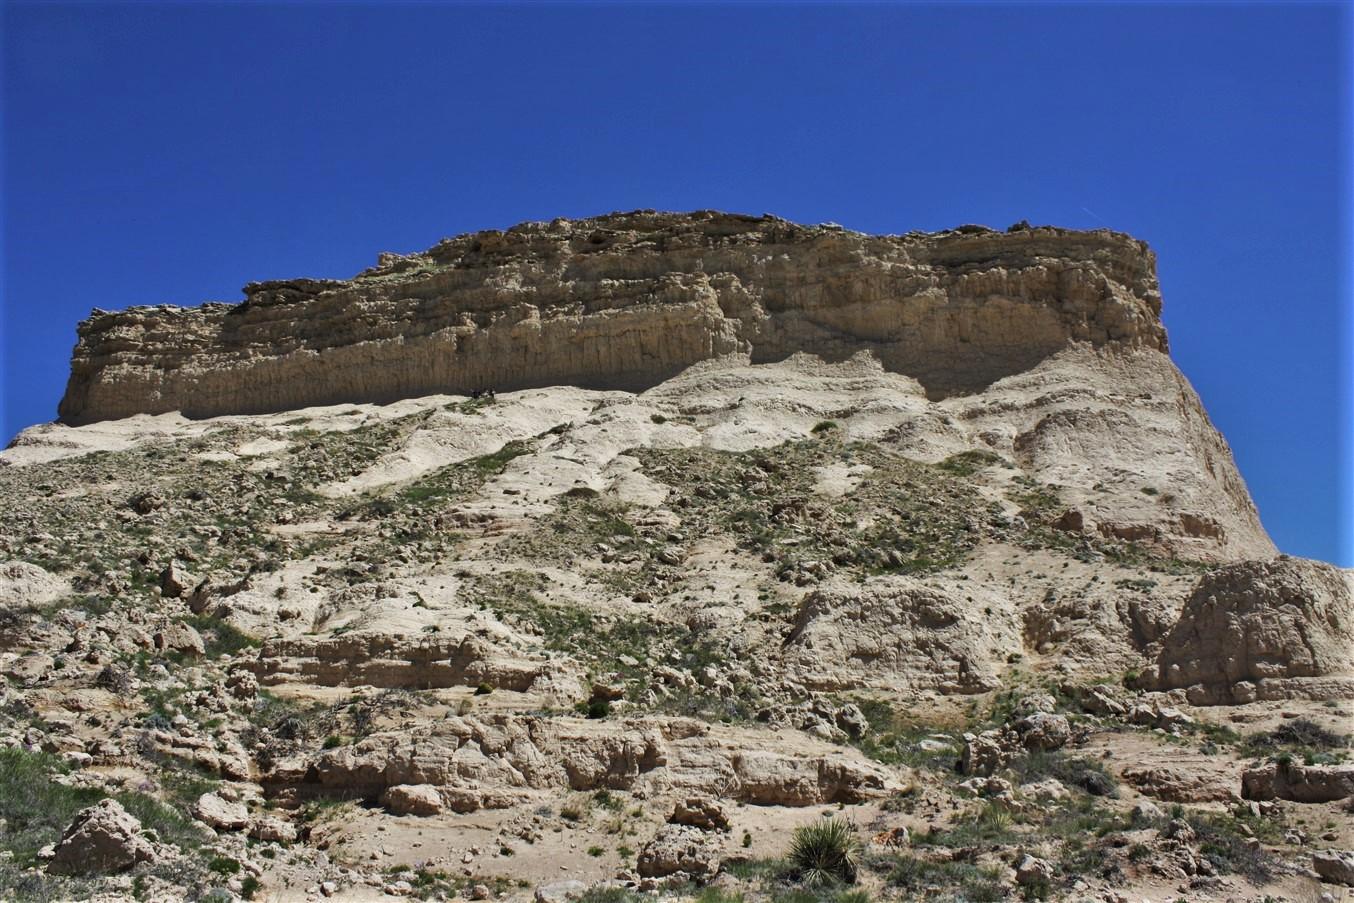 2010 05 23 Colorado 33 Pawnee Bluffs.jpg